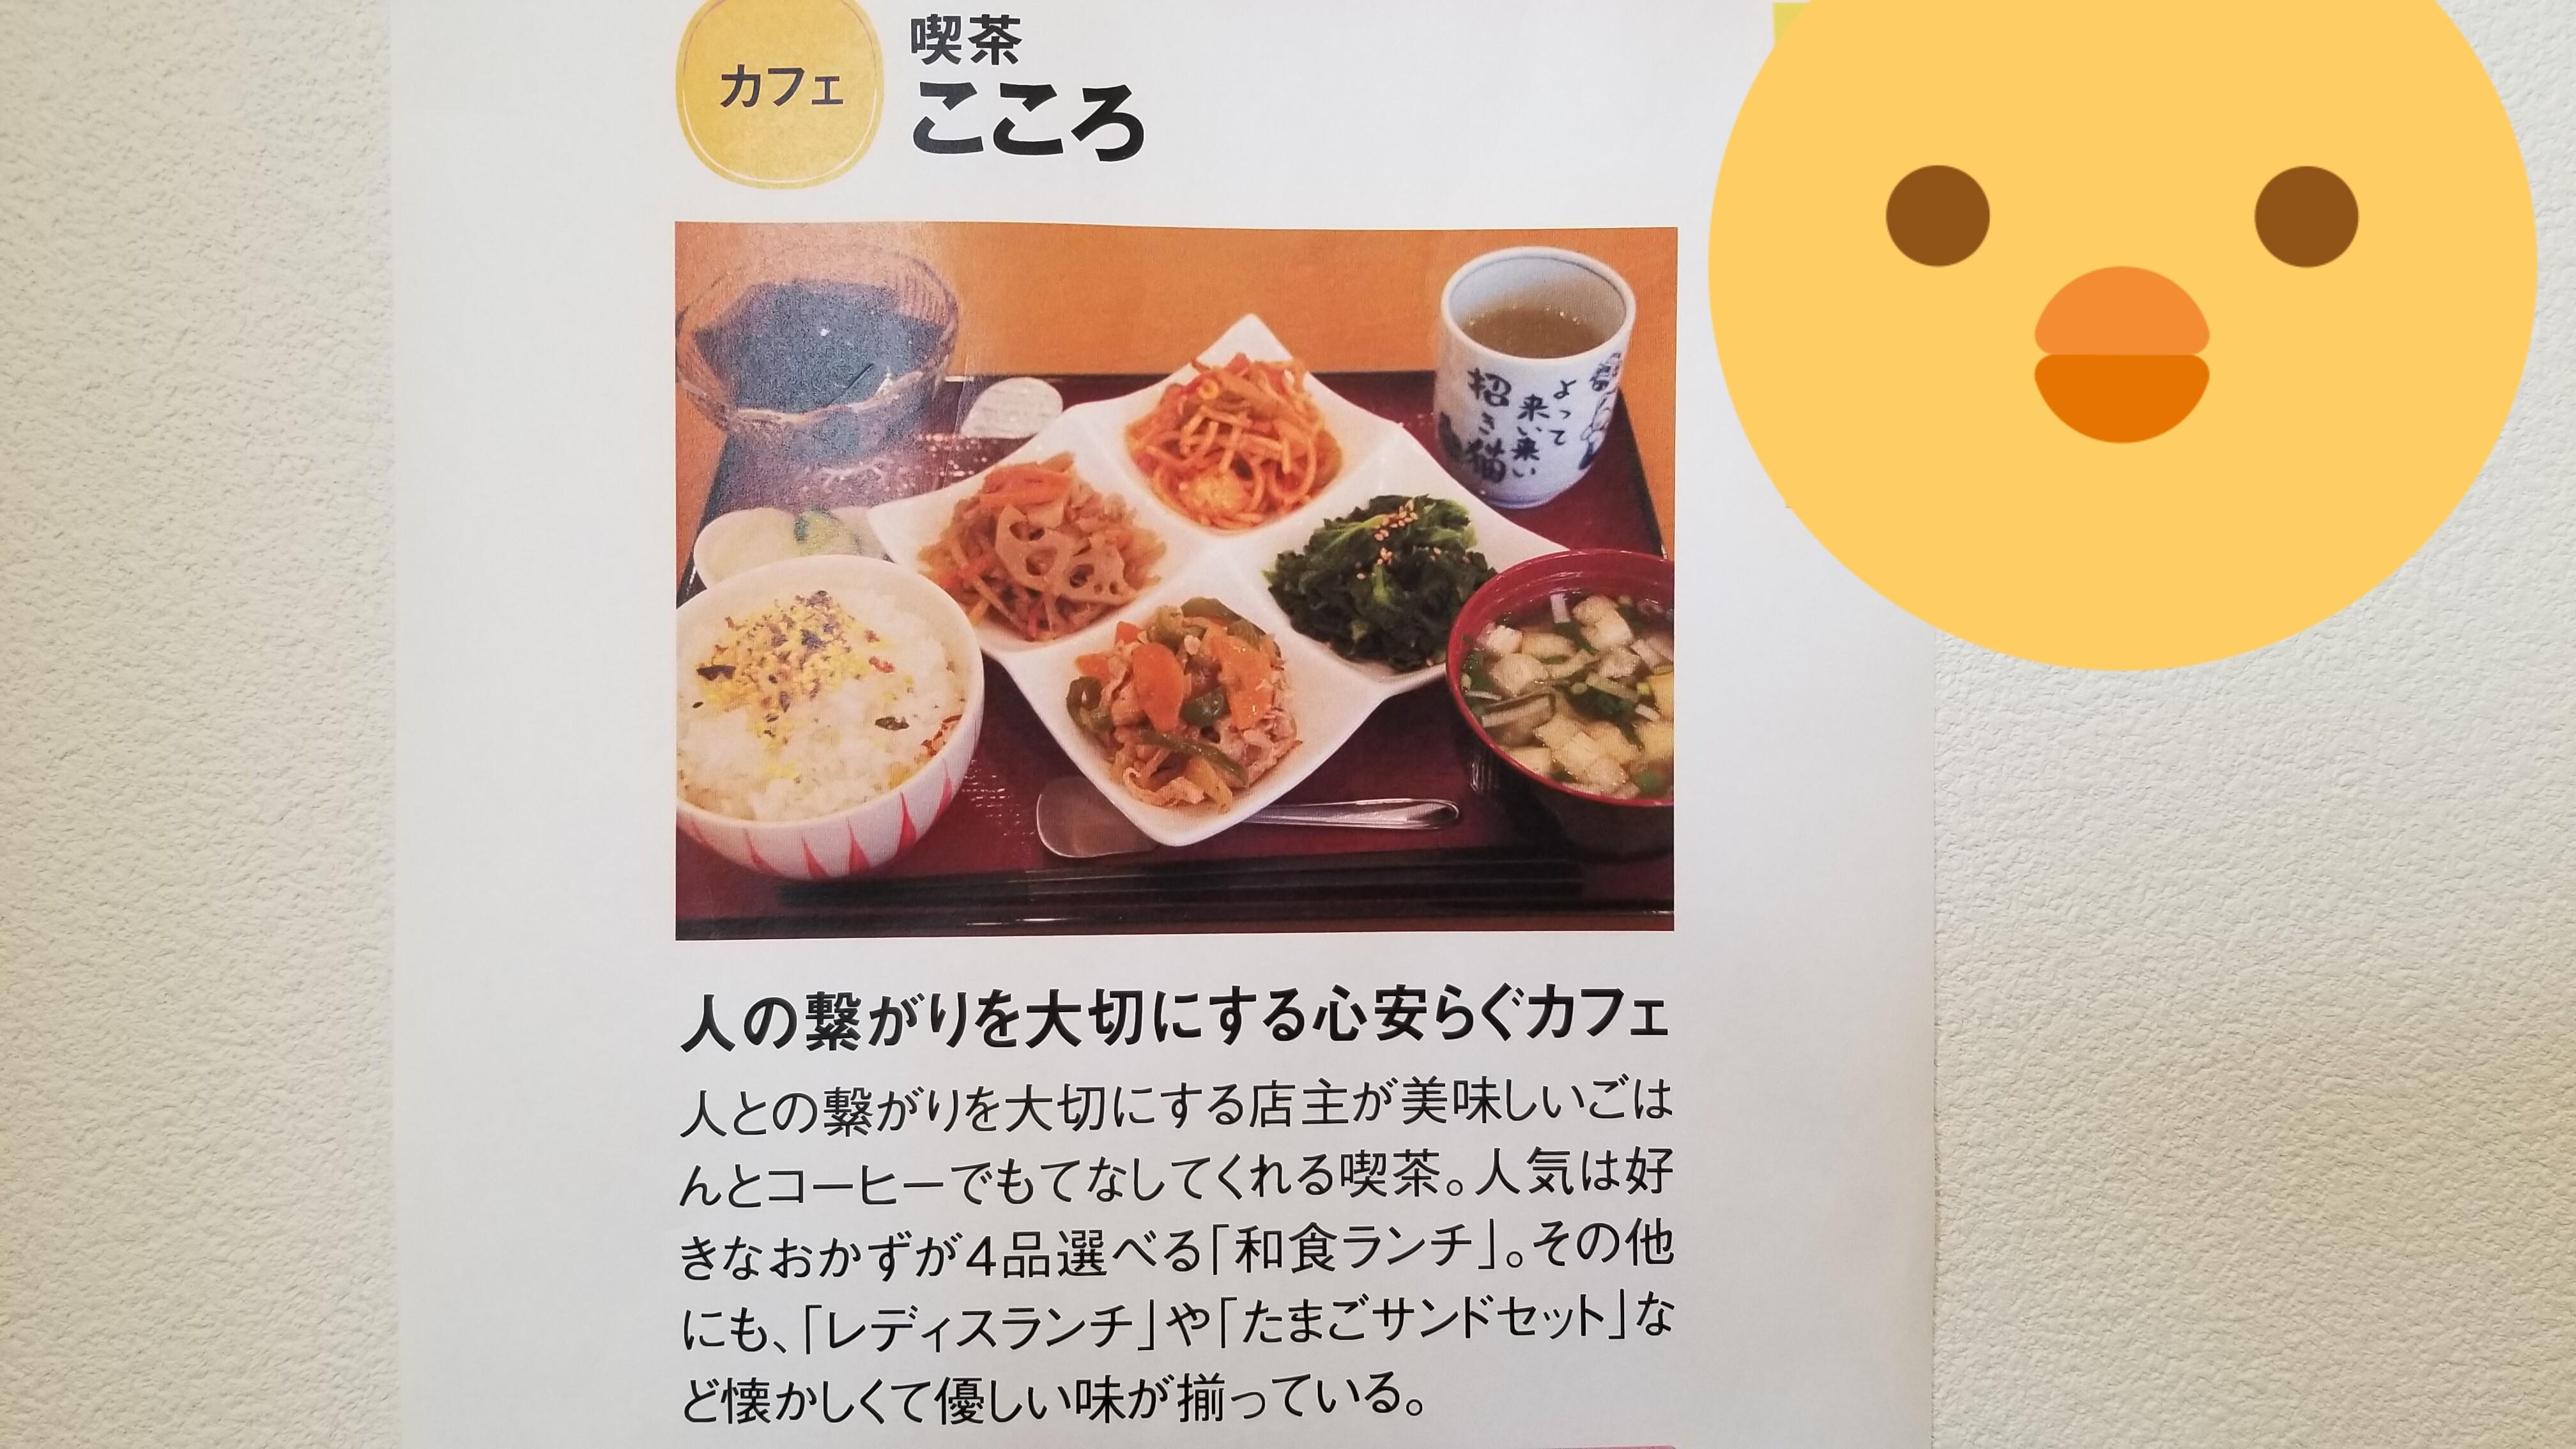 喫茶店カフェこころおすすめランチグルメ愛媛県四国おすすめブログ